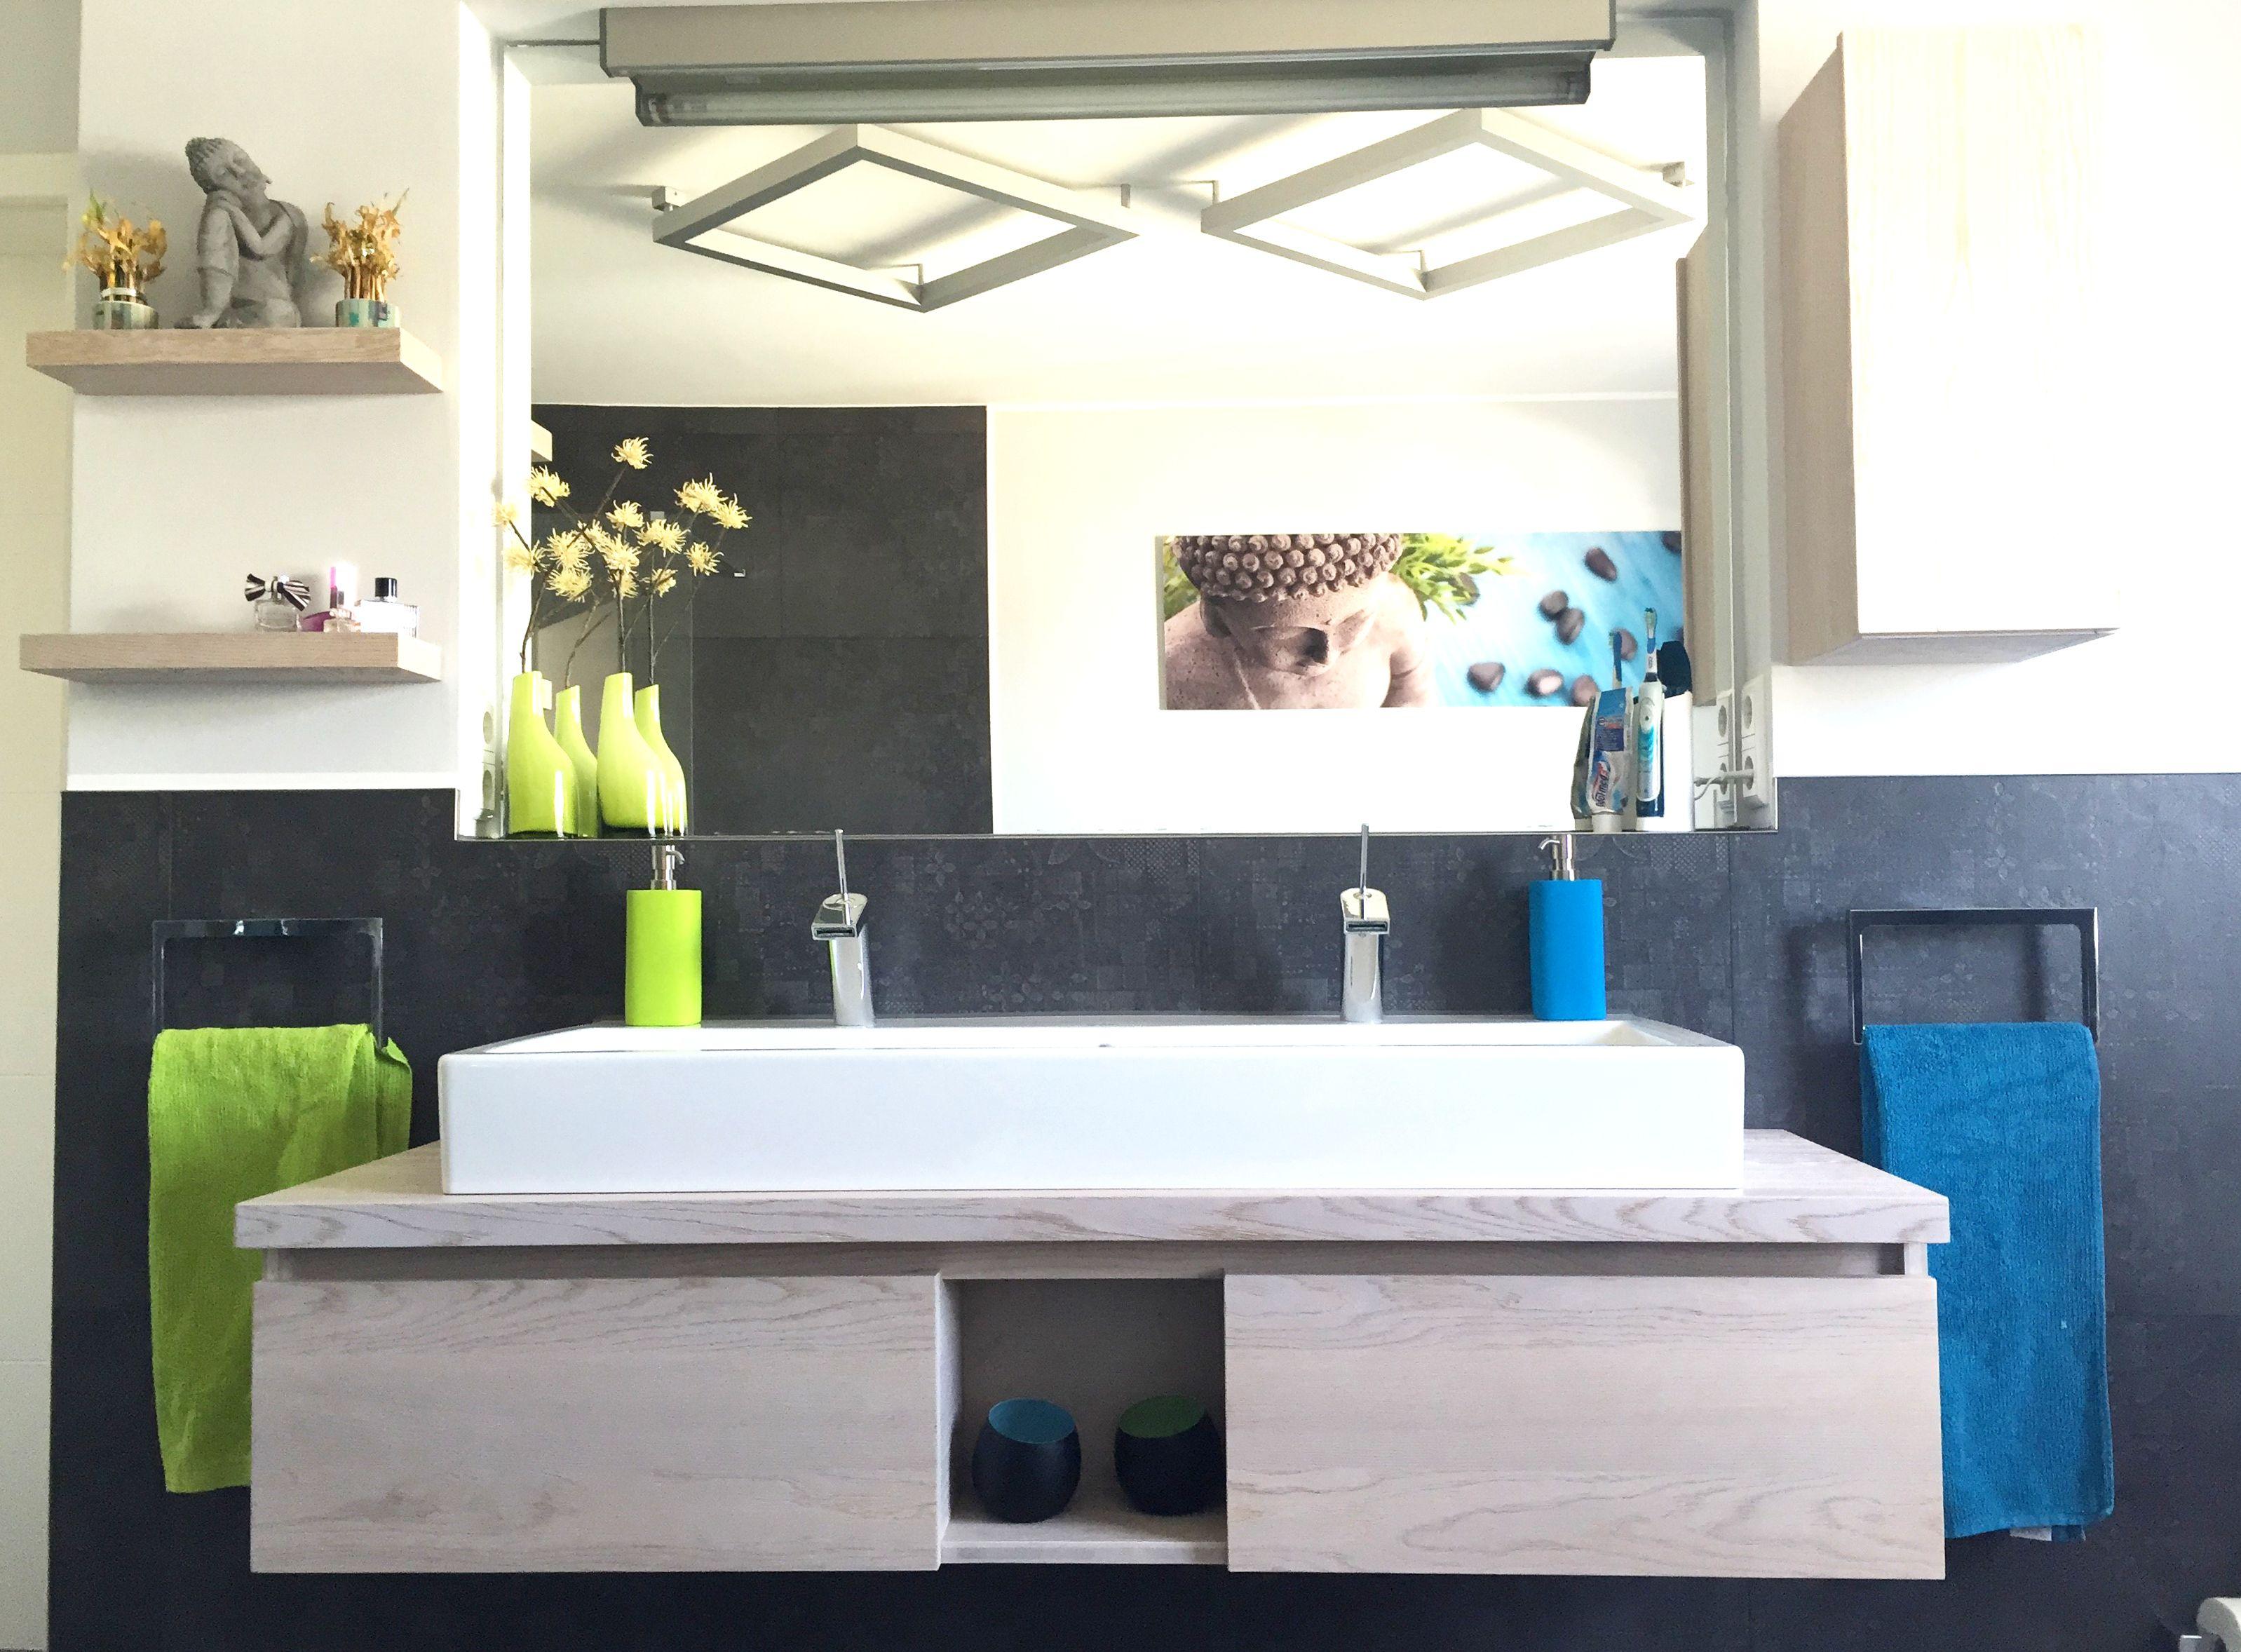 waschtisch in holz badumbau badezimmer sch n gestalten. Black Bedroom Furniture Sets. Home Design Ideas